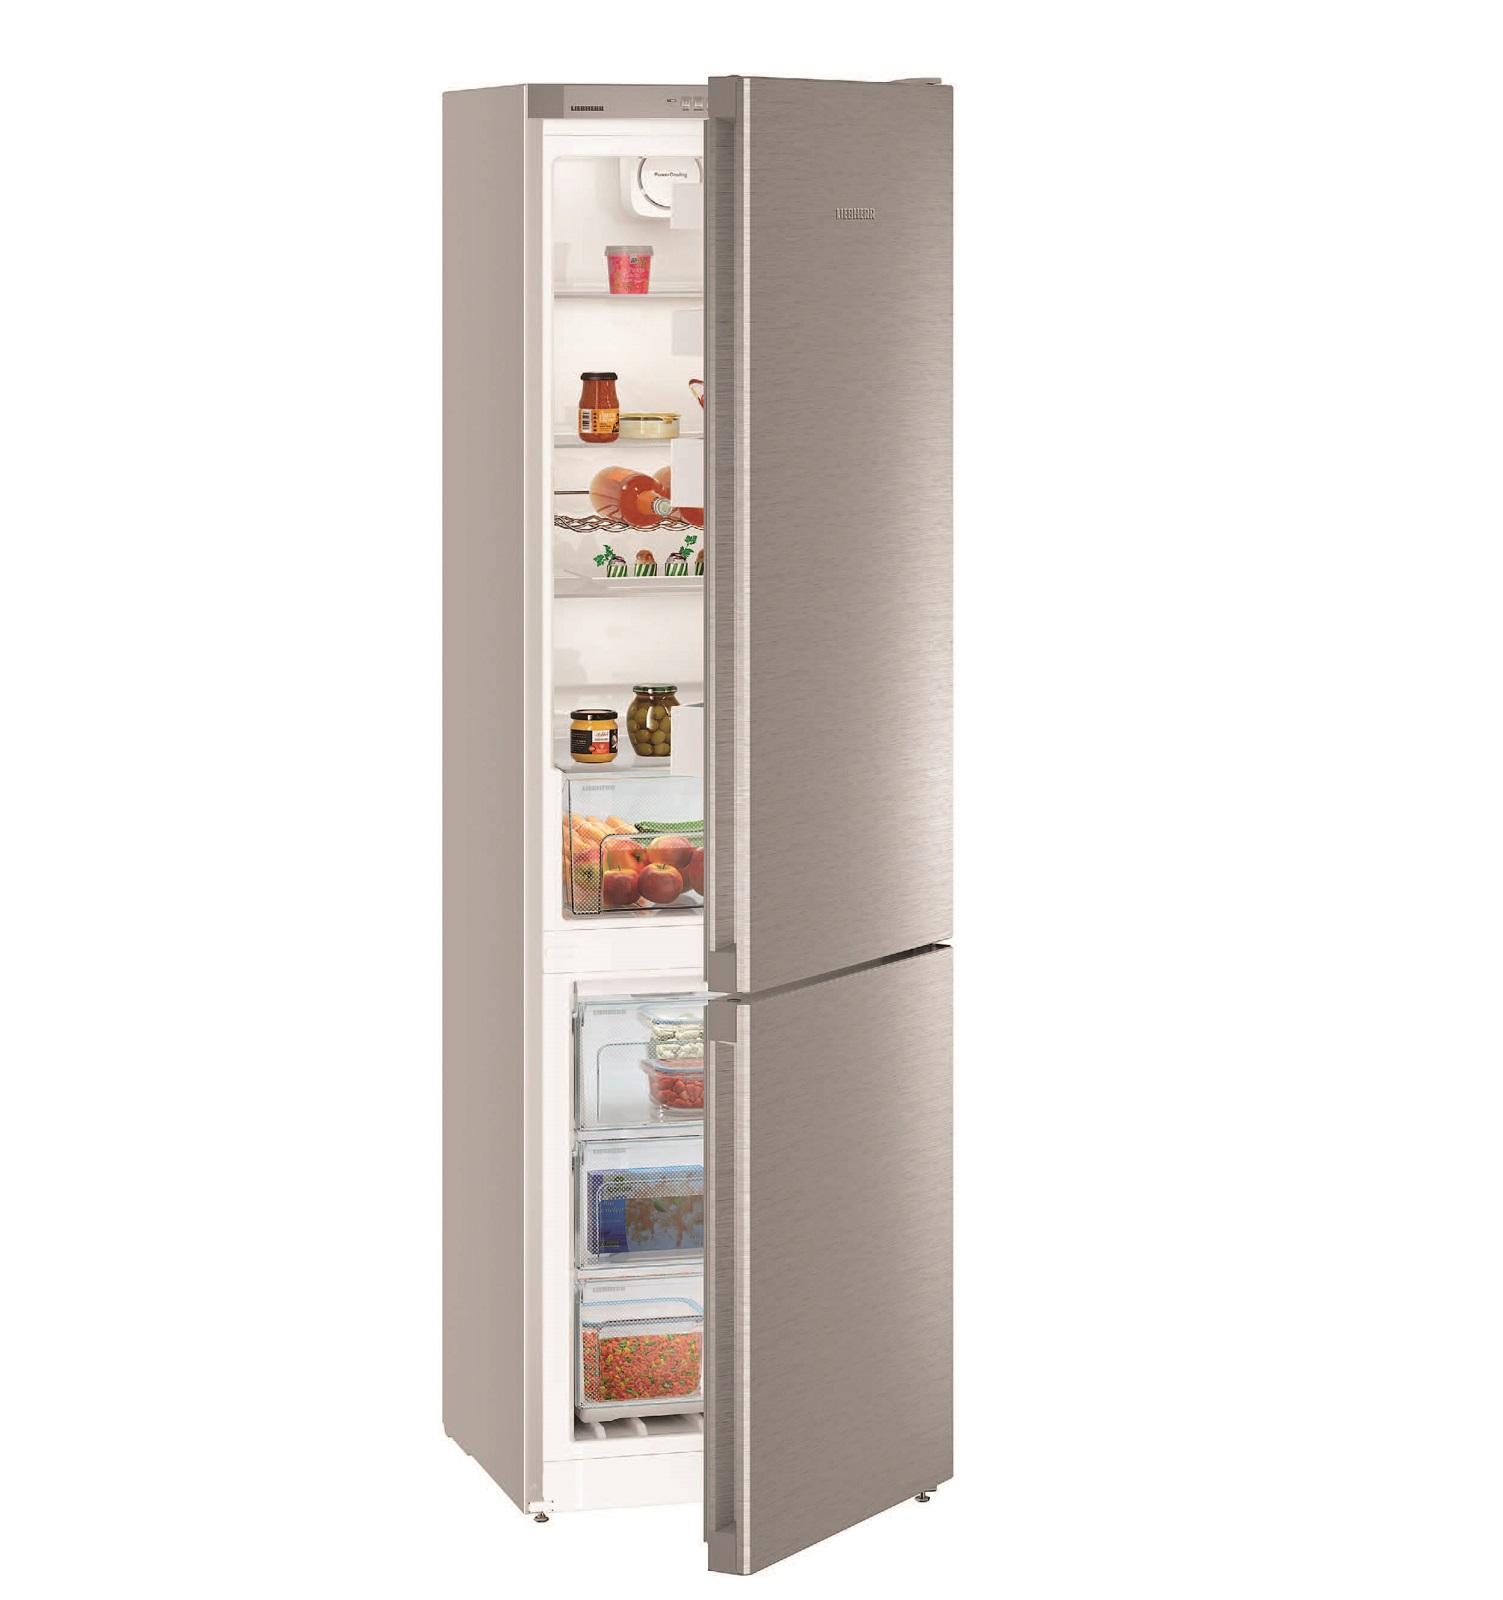 купить Двухкамерный холодильник Liebherr CNef 4813 Украина фото 3